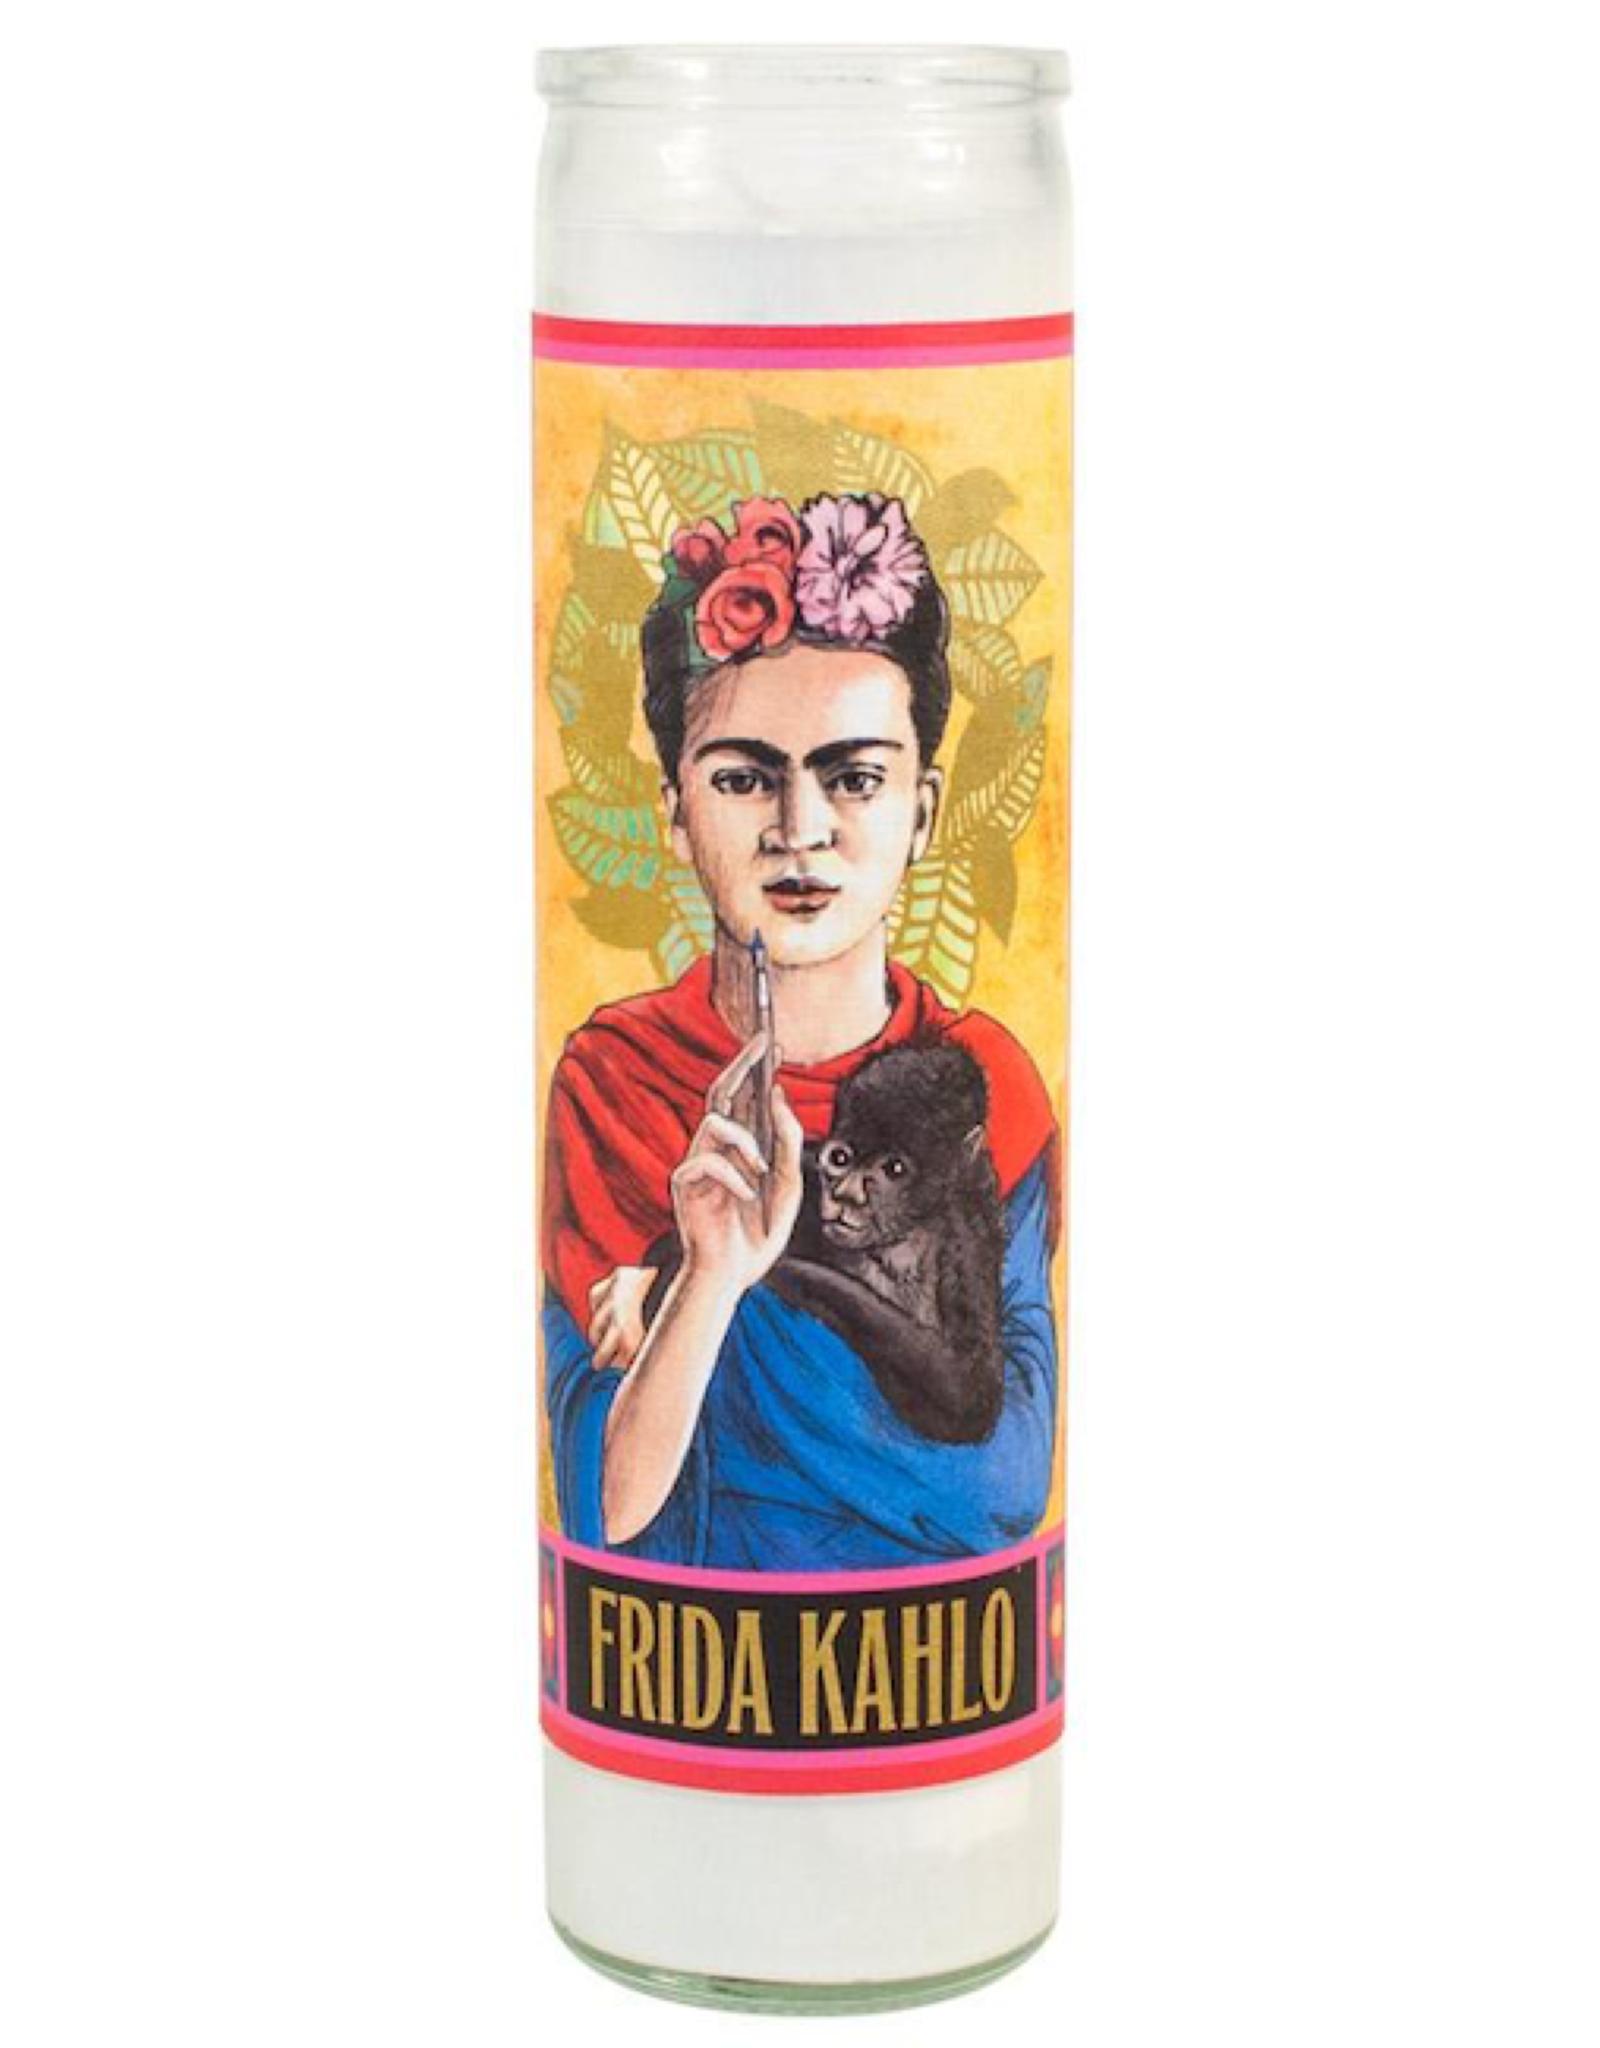 Candle - Frida Kahlo